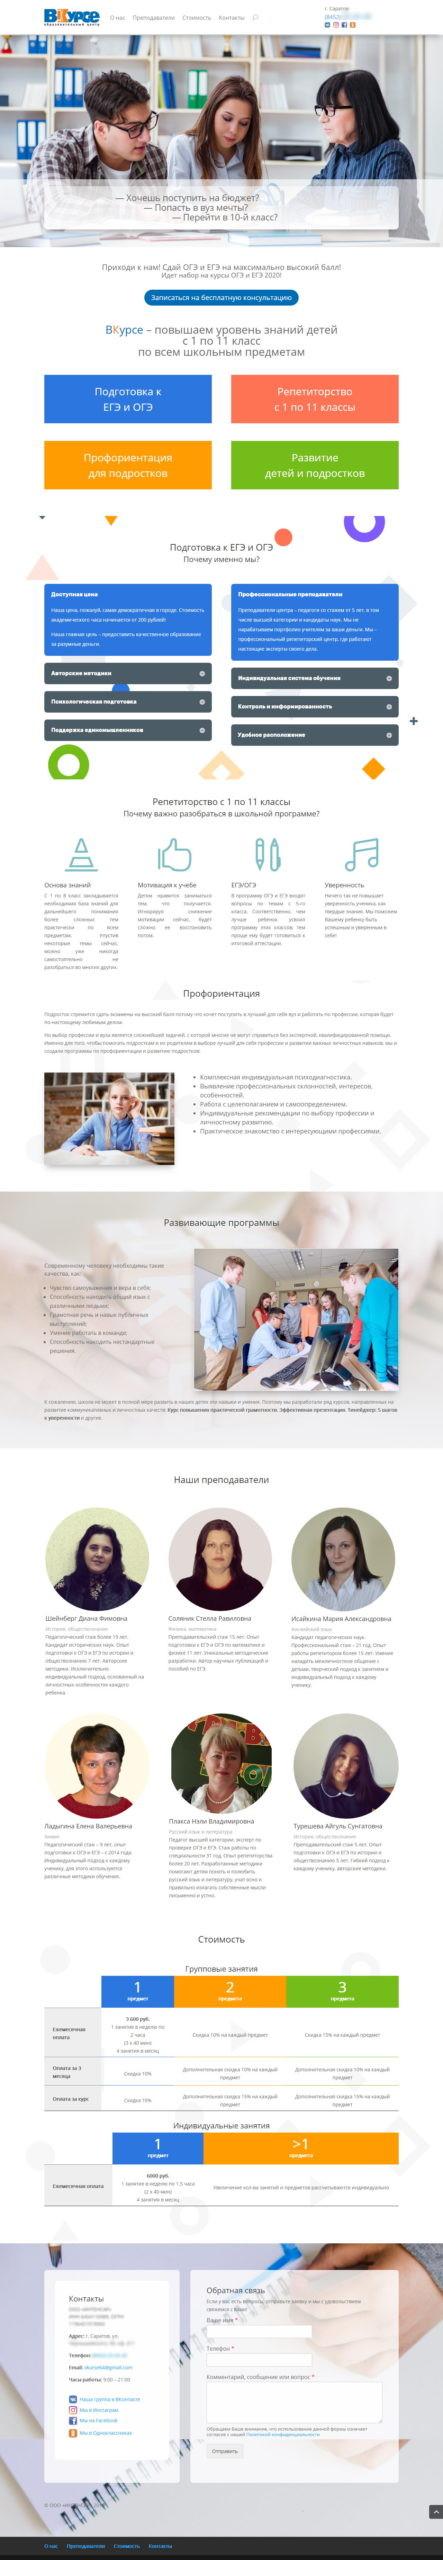 Скриншот лэндинга образовательного центра «ВКурсе», г. Саратов